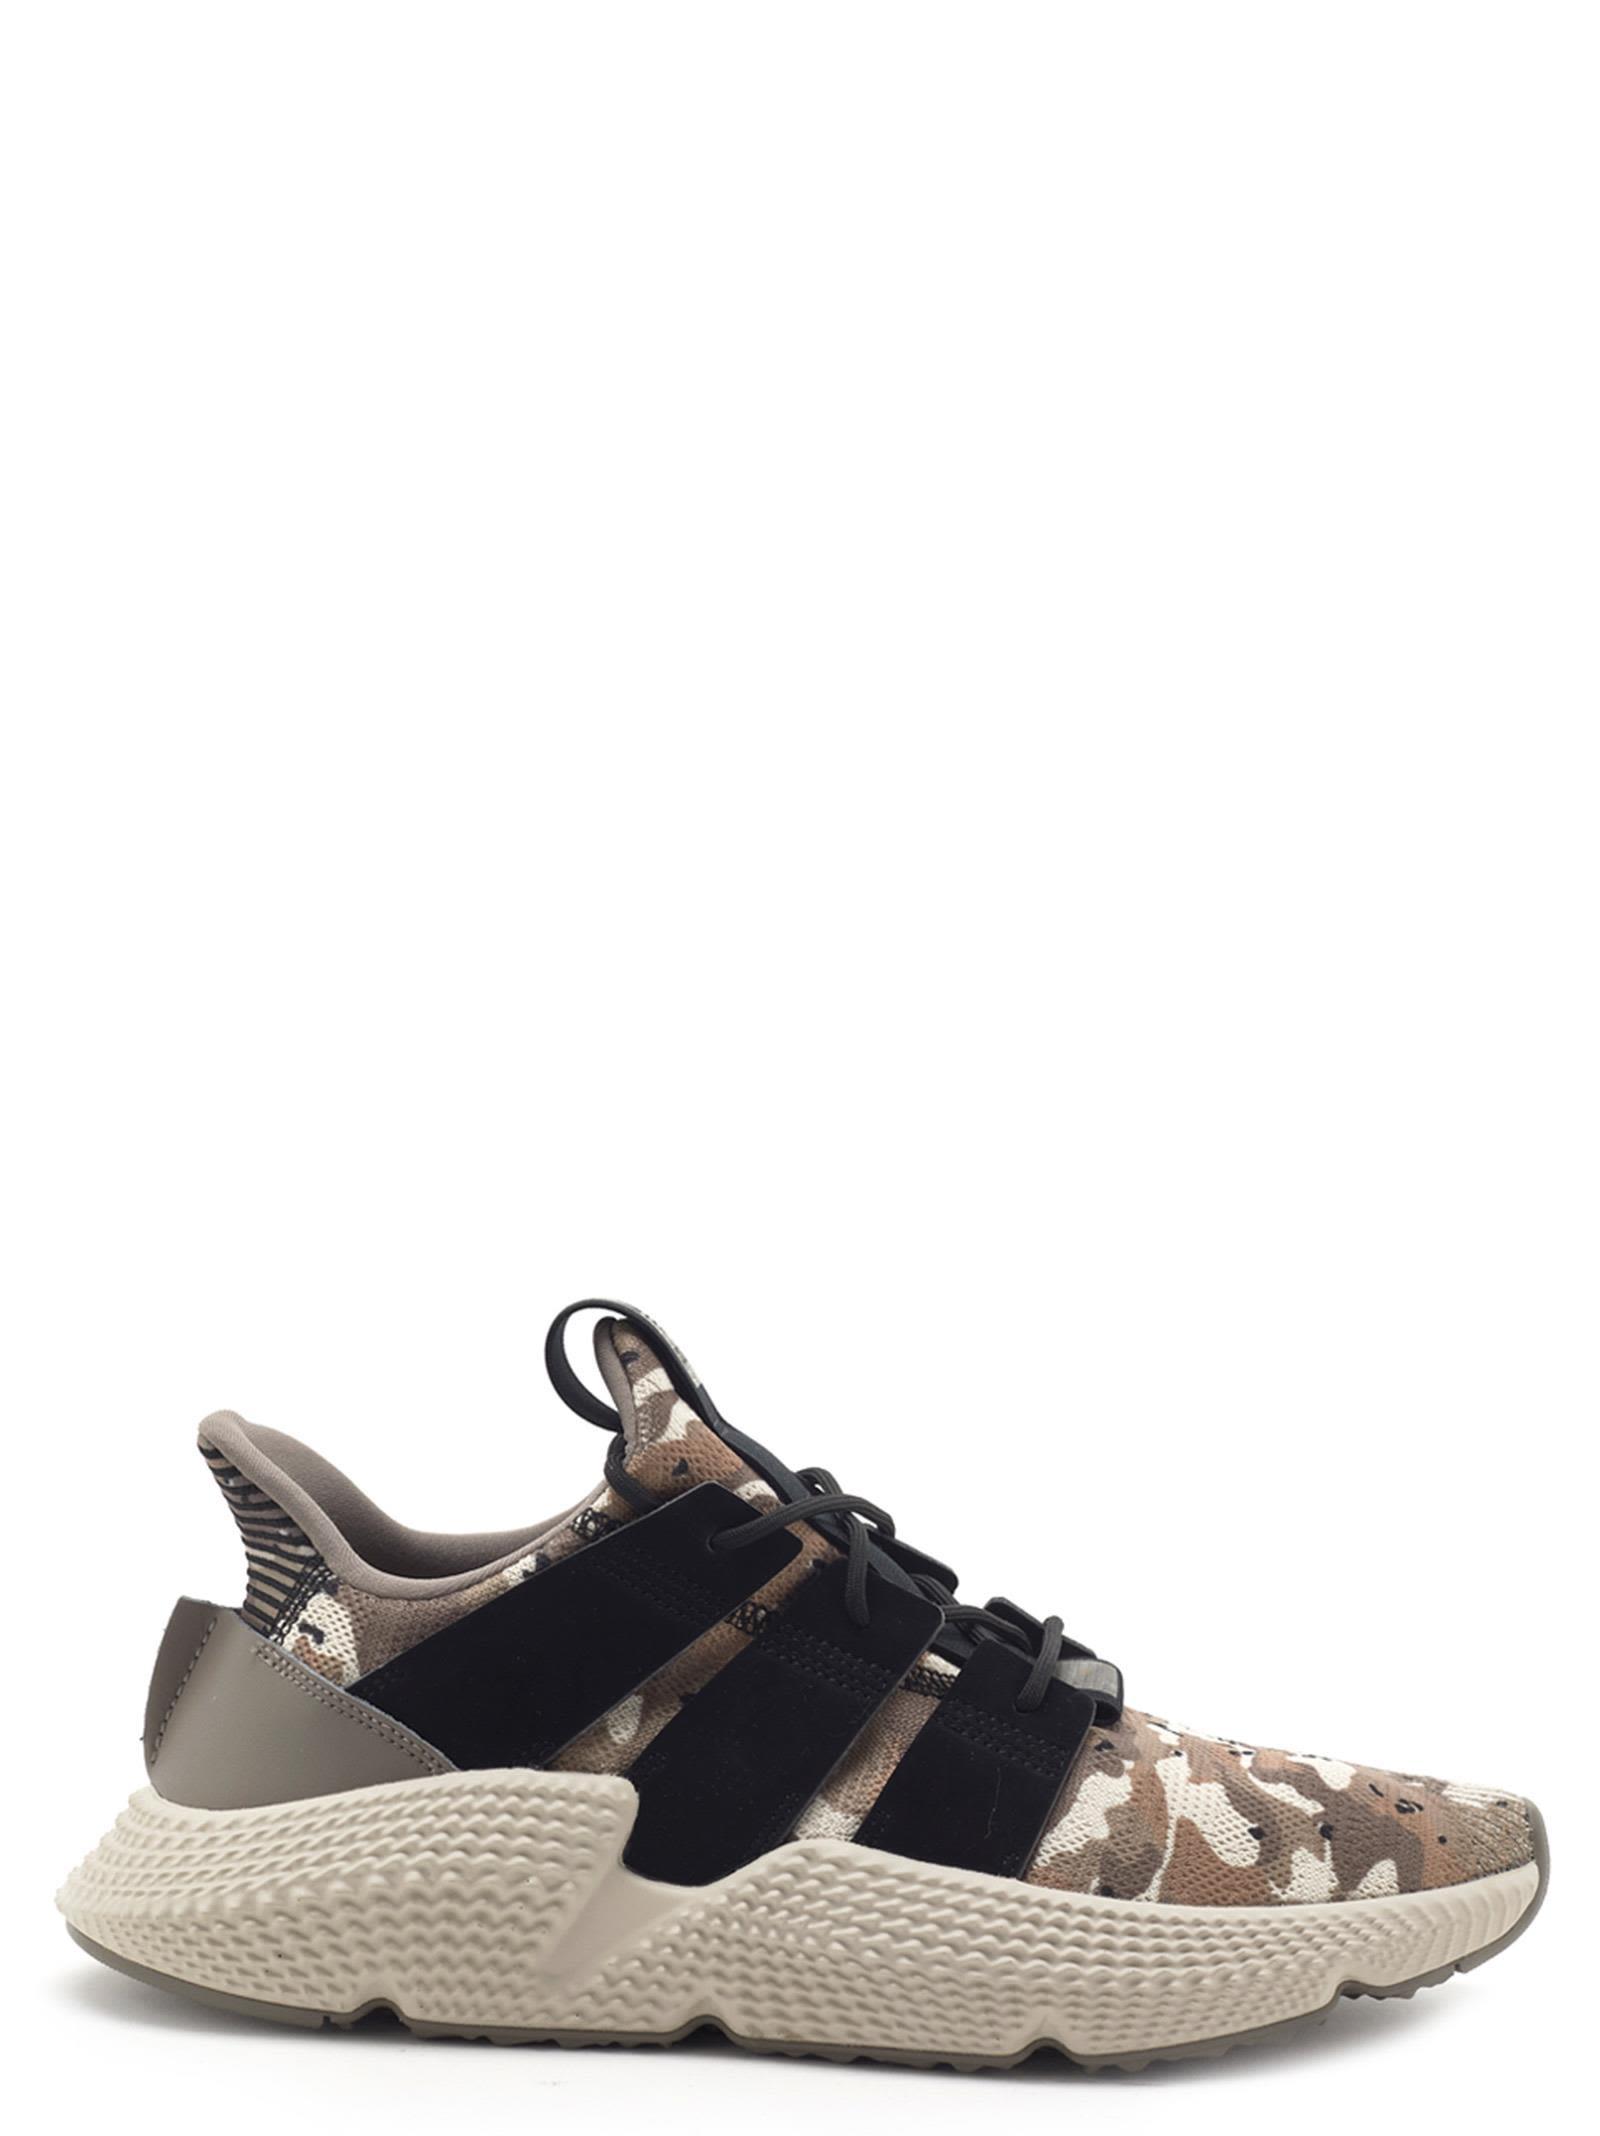 Adidas Originals 'prophere Camou' Shoes